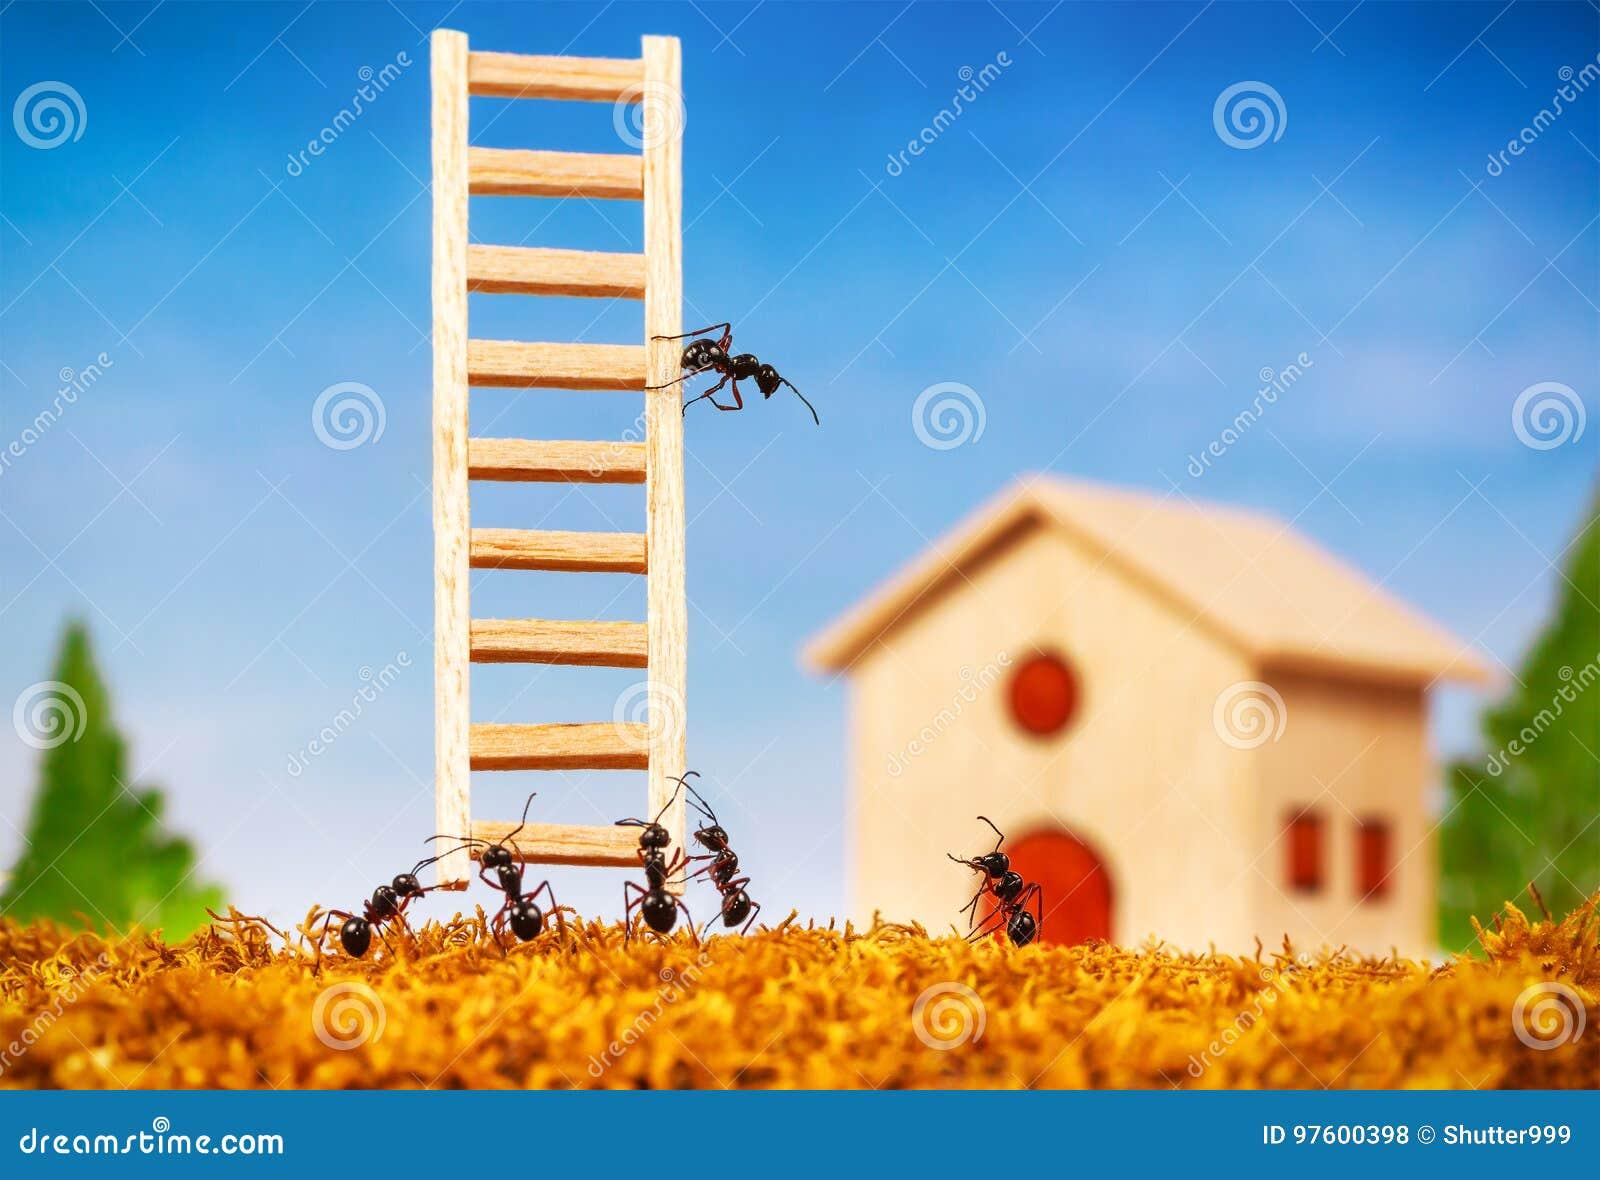 De mieren bouwen een huis met ladder